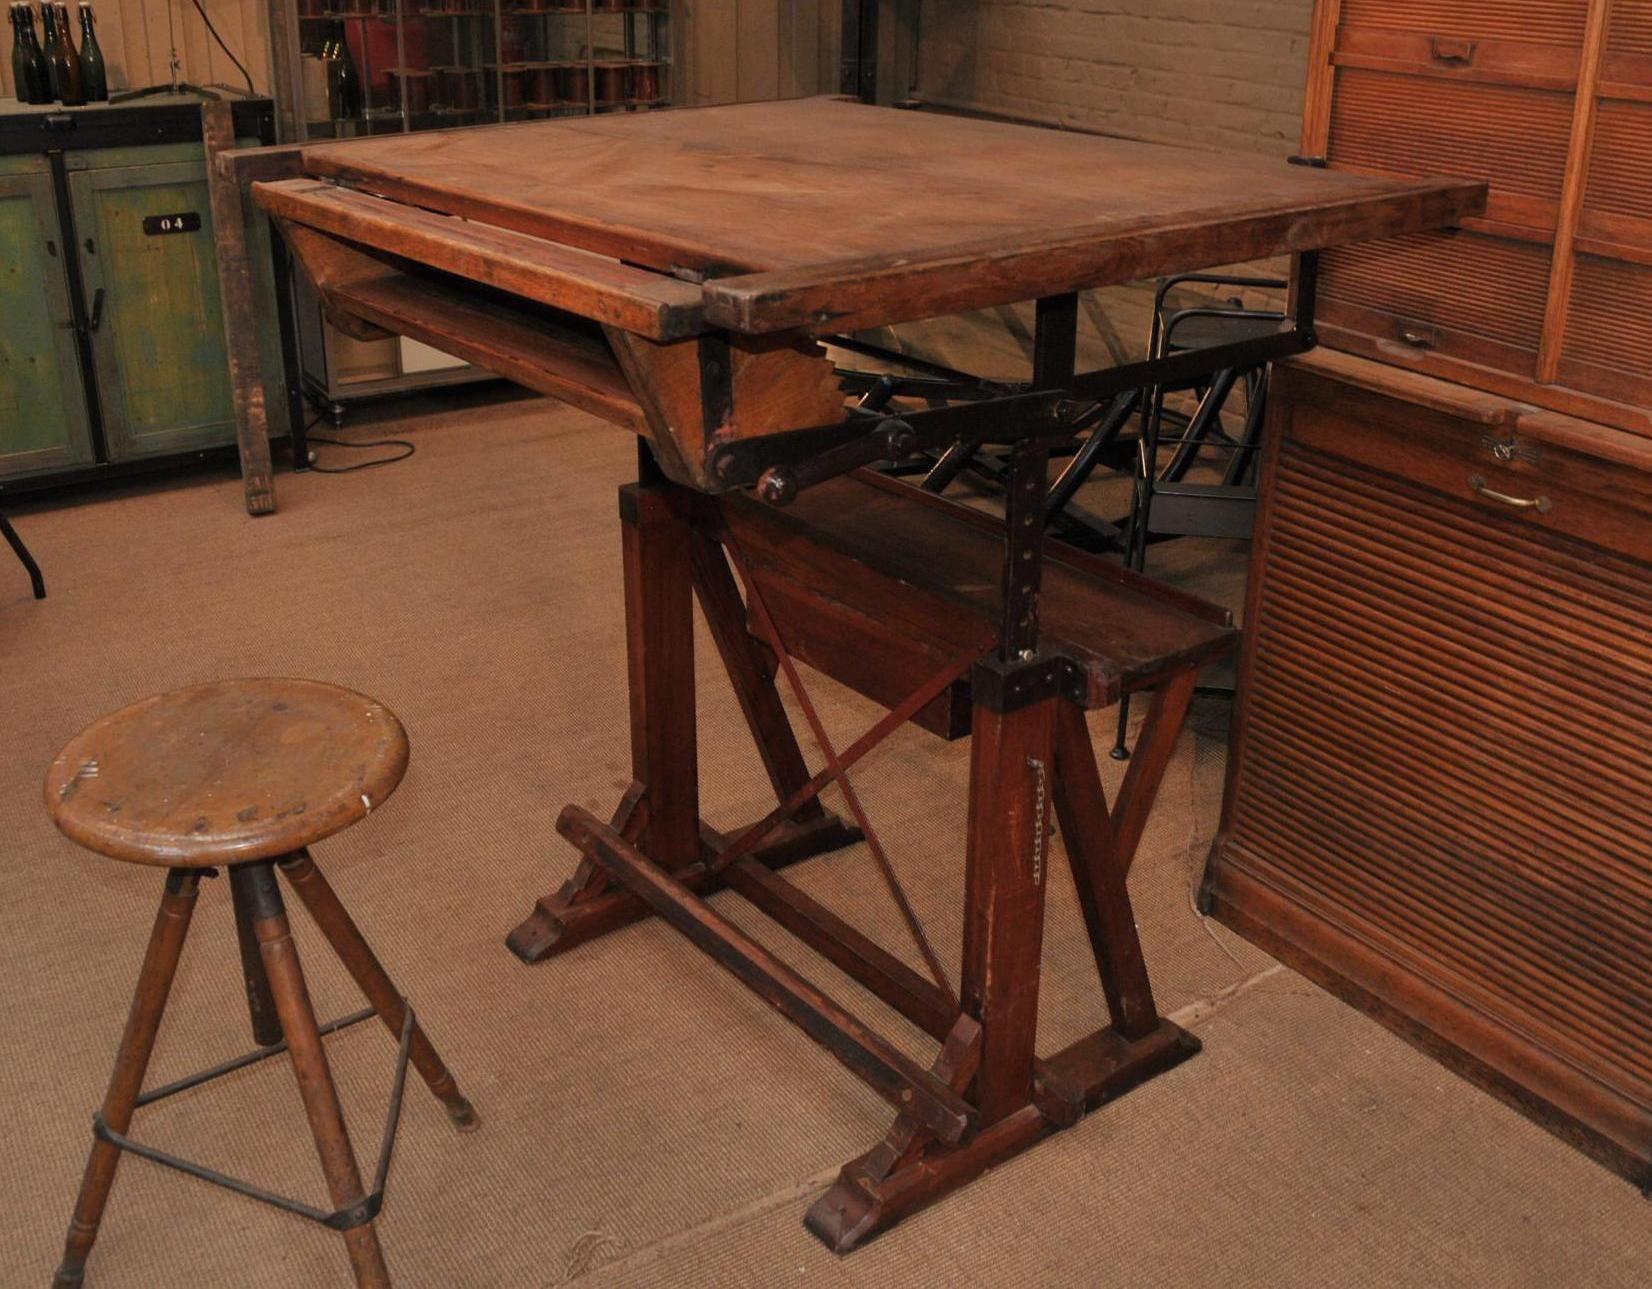 le grenier roubaix france stock ancienne table d 39 architecte r glable 1900 meubles. Black Bedroom Furniture Sets. Home Design Ideas